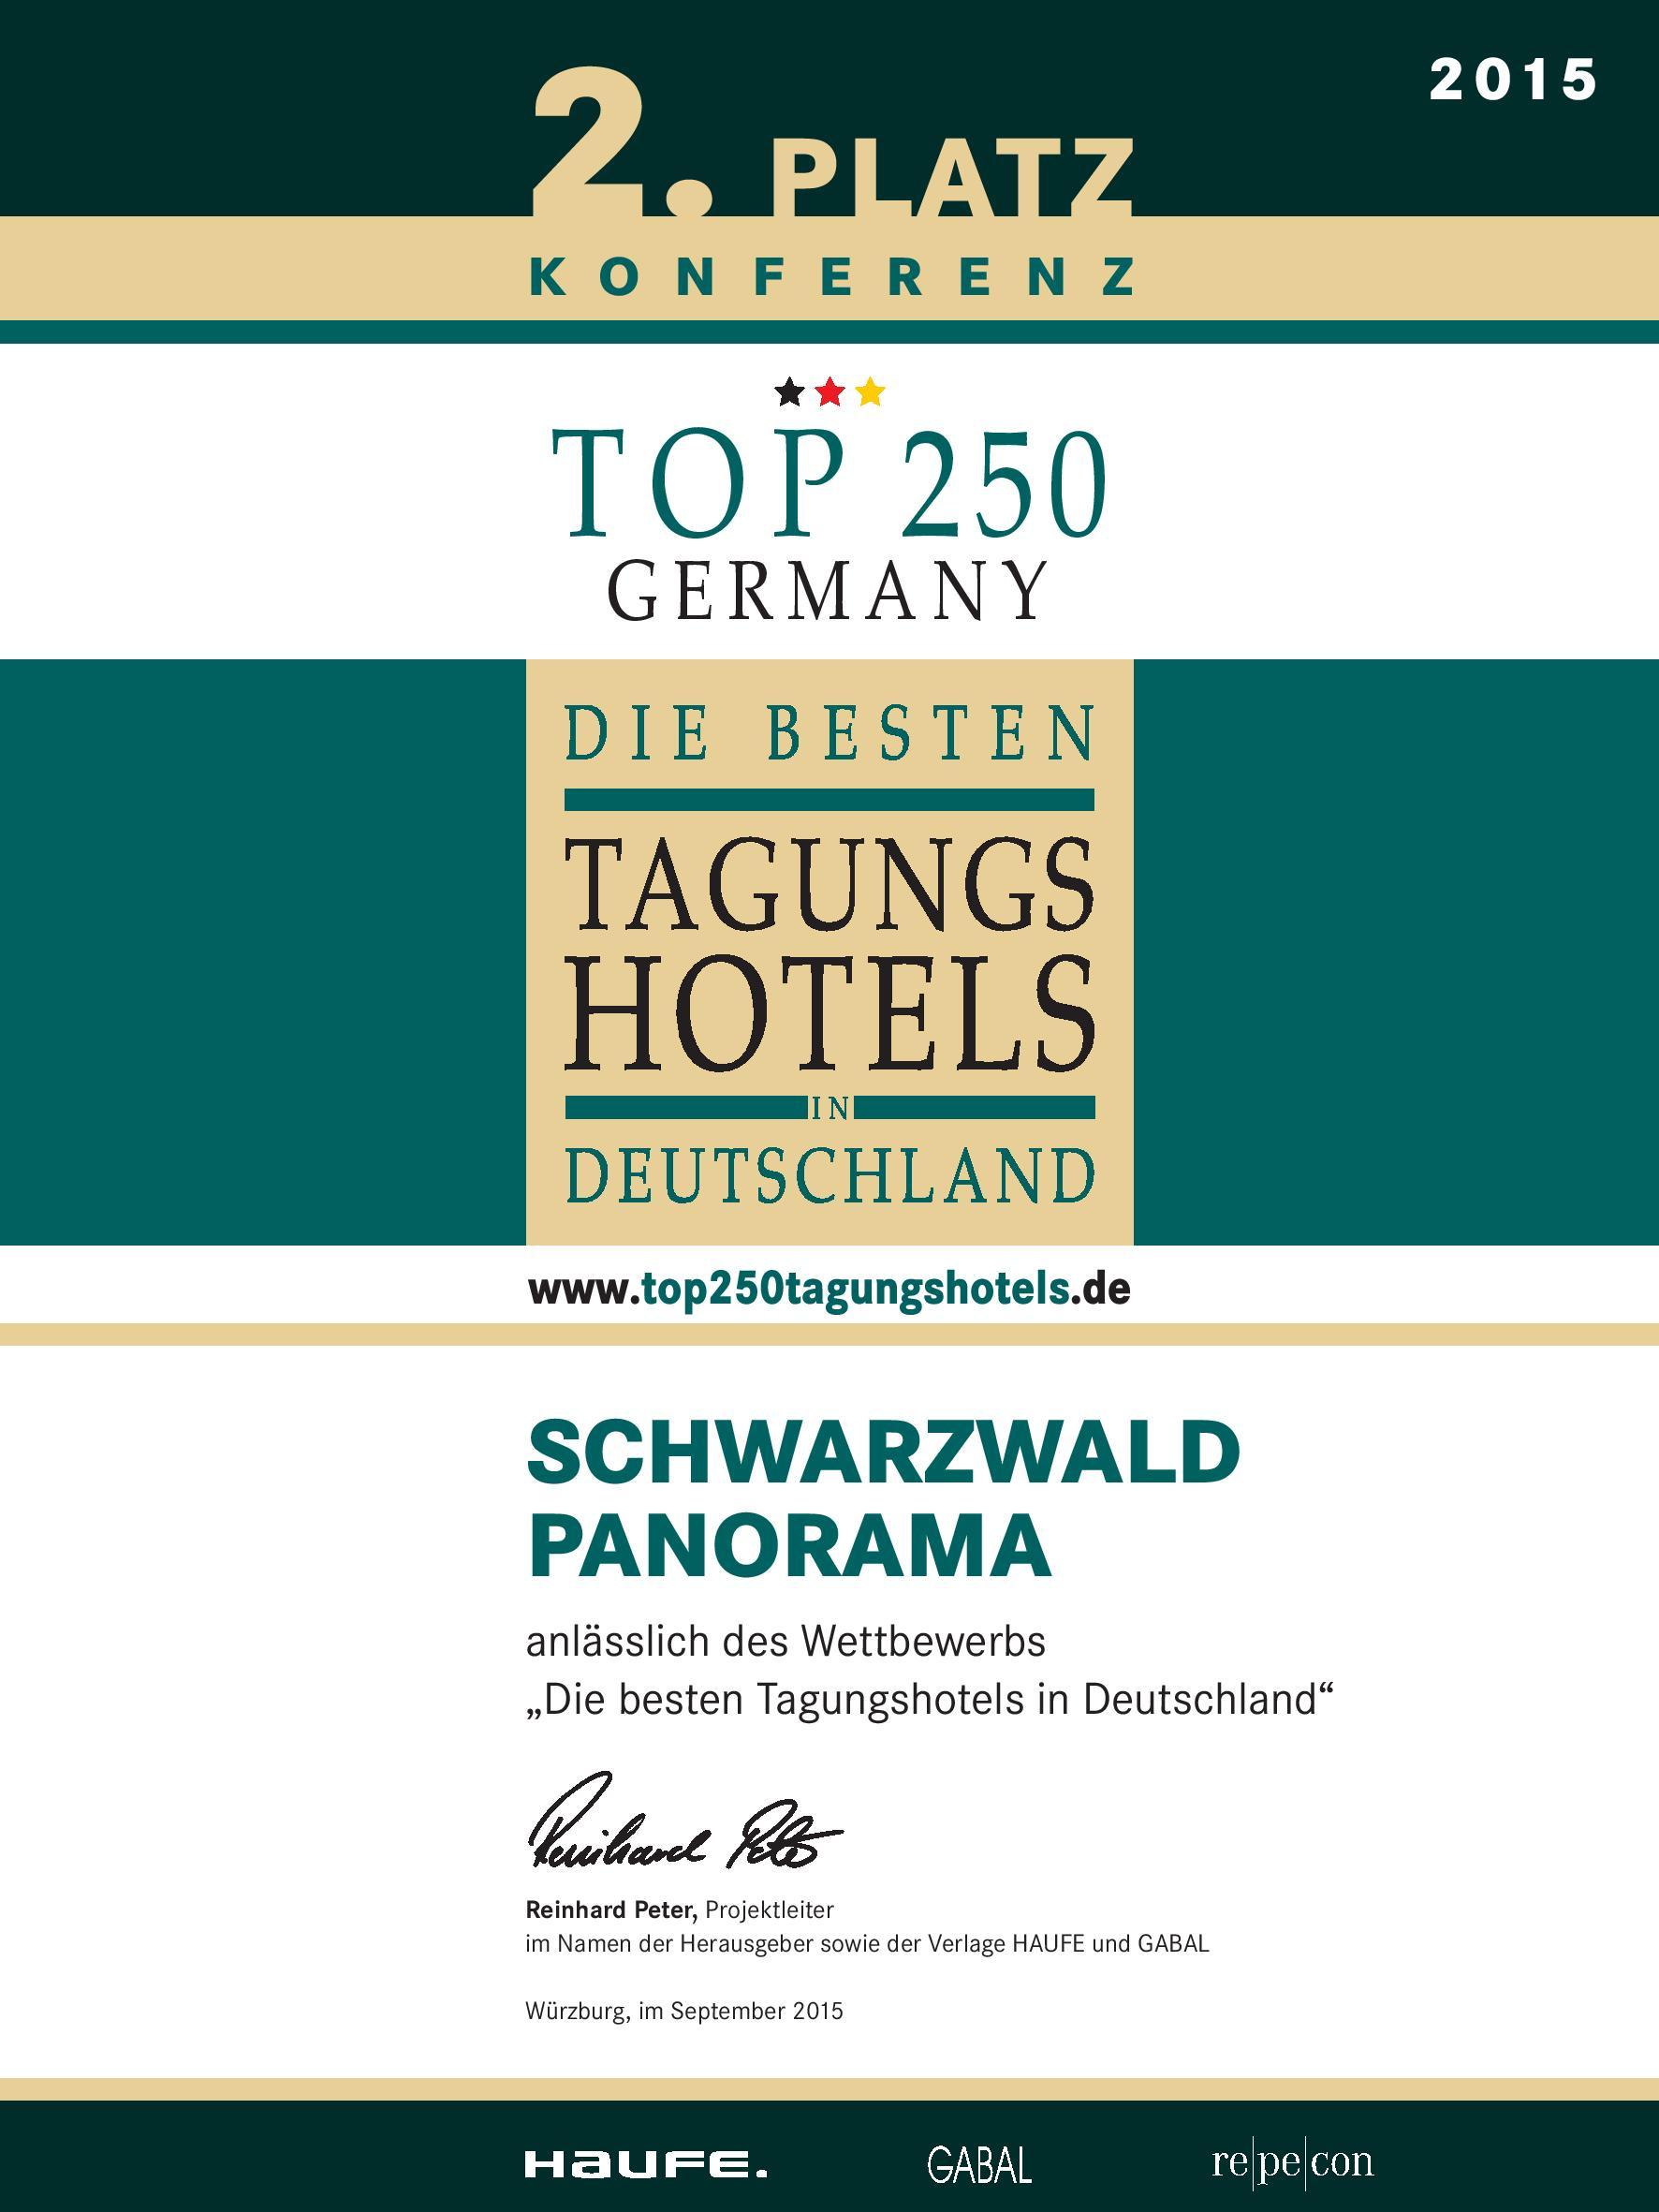 Zertifikat Top Tagungshotels Deutschland 2015 vom Schwarzwald Panorama - 2. Platz in der Kategorie Konferenz